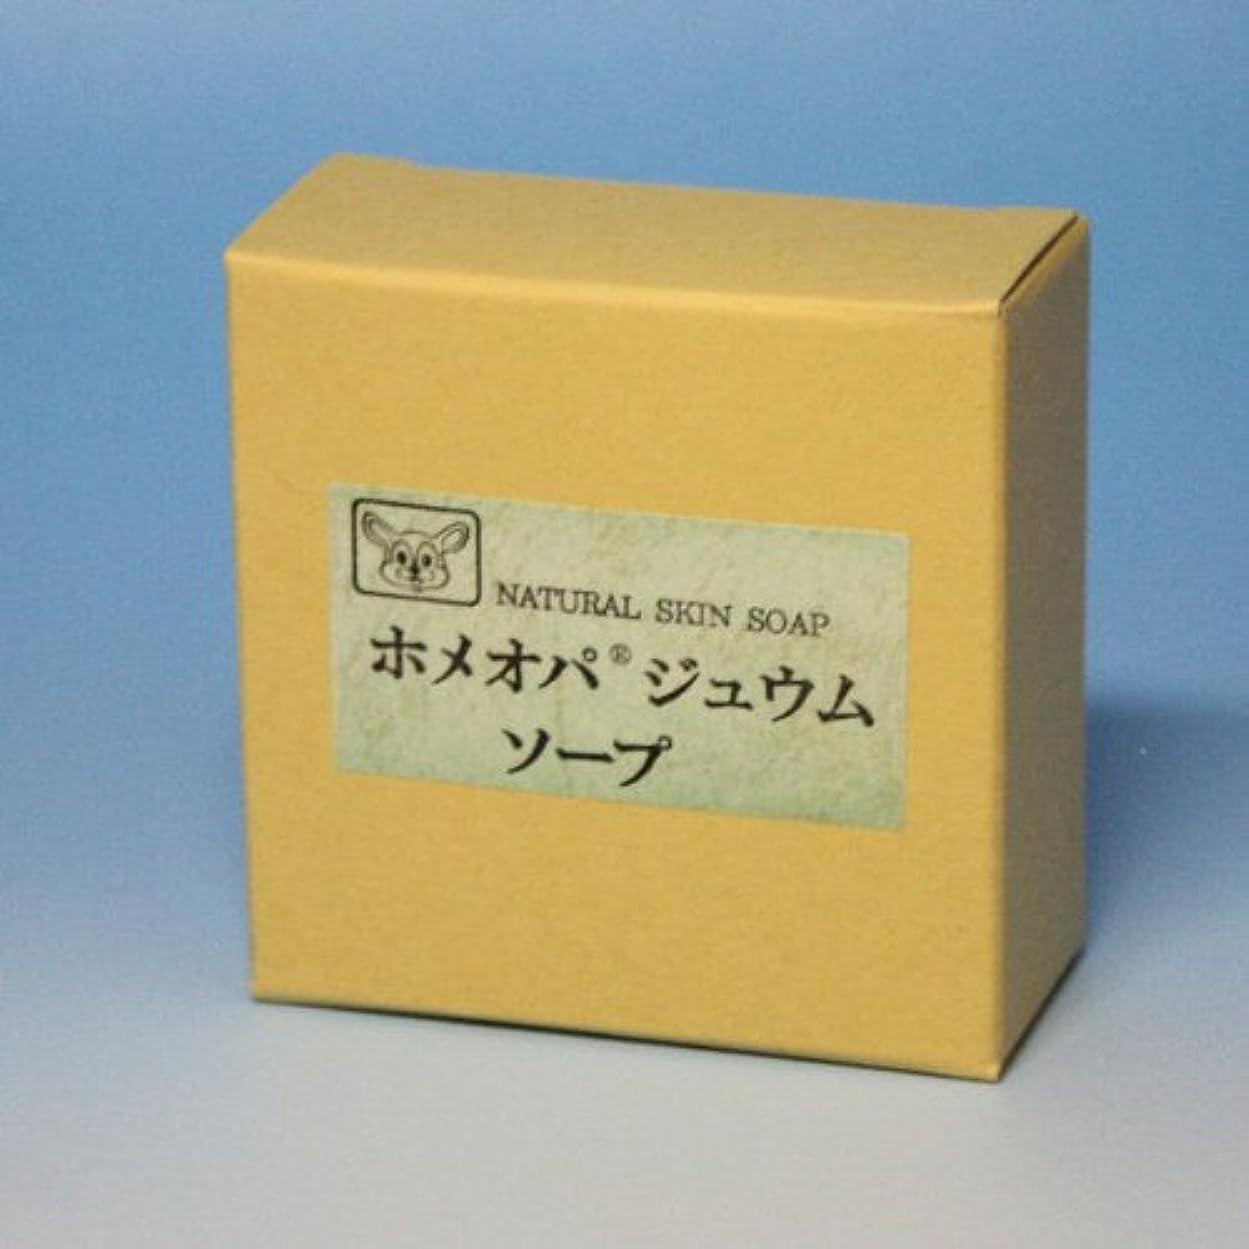 シミュレートするタブレット飽和するホメオパジュウムソープ 100g